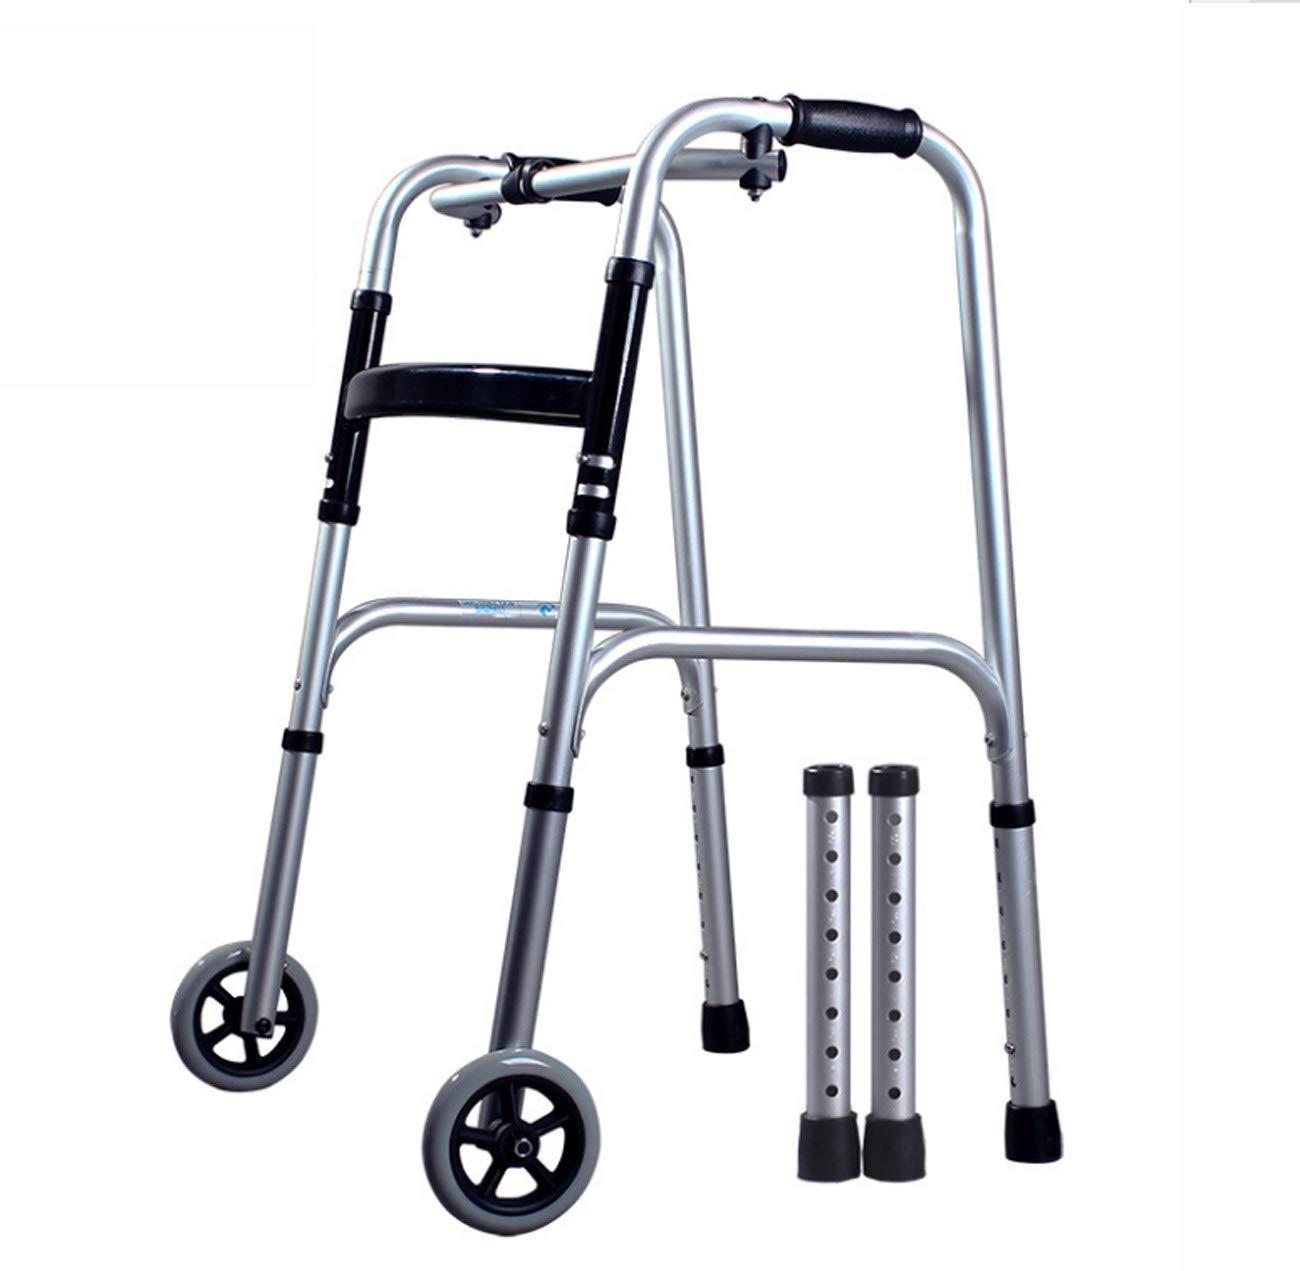 日本最大級 折りたたみエルダーウォーキングエイド B、軽量デュアル使用歩行フレーム障害者、高さ調節可能 B07G4B8PKB B B07G4B8PKB B, 【ロングス】ウォーキング:0725a8f5 --- a0267596.xsph.ru